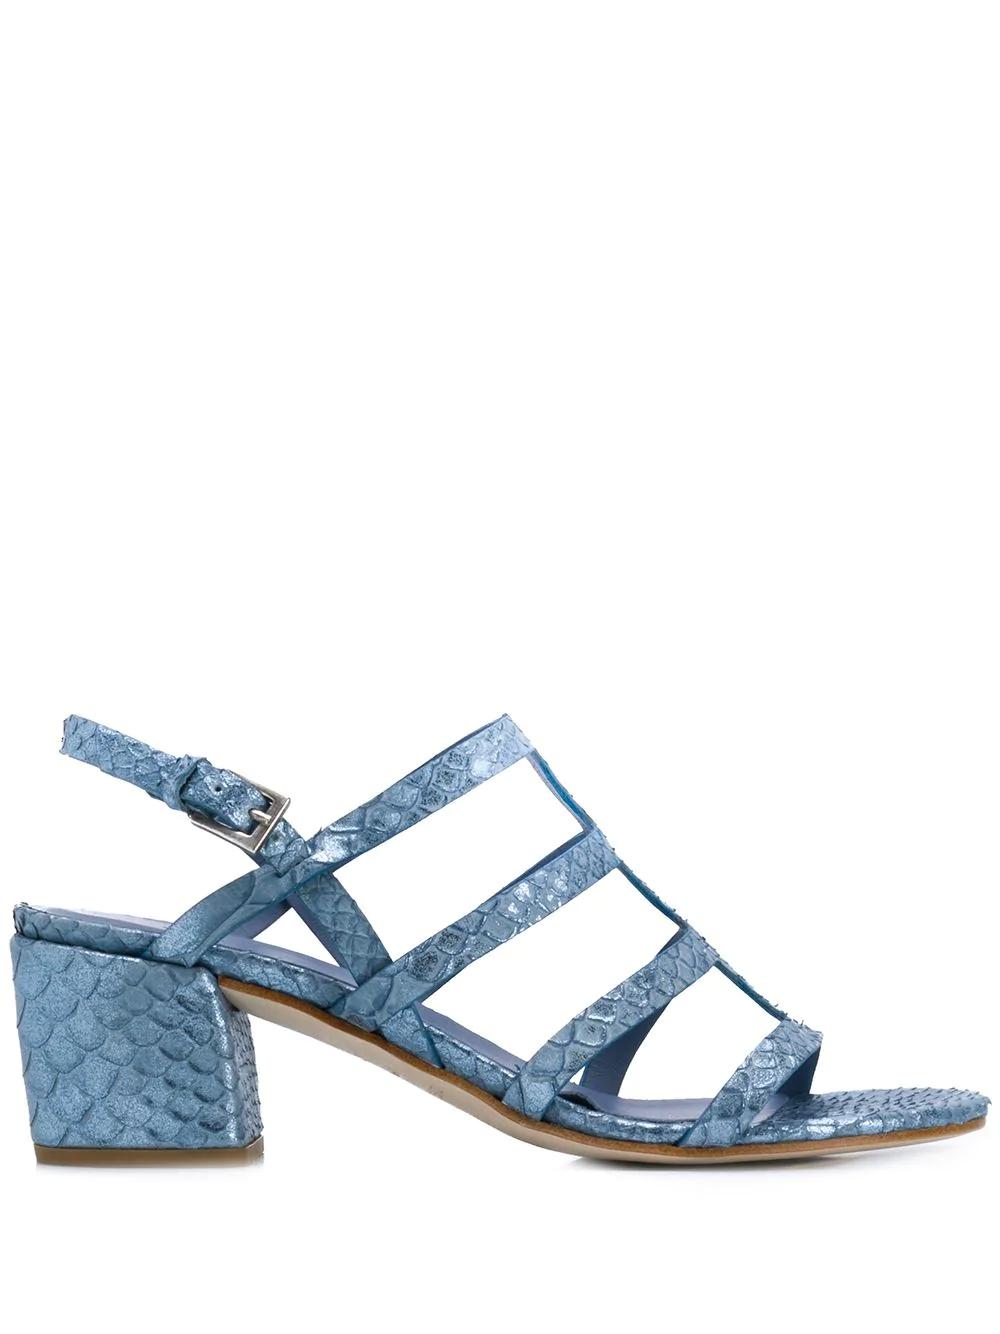 048d4c873 Del Carlo Strappy Sandals - Blue